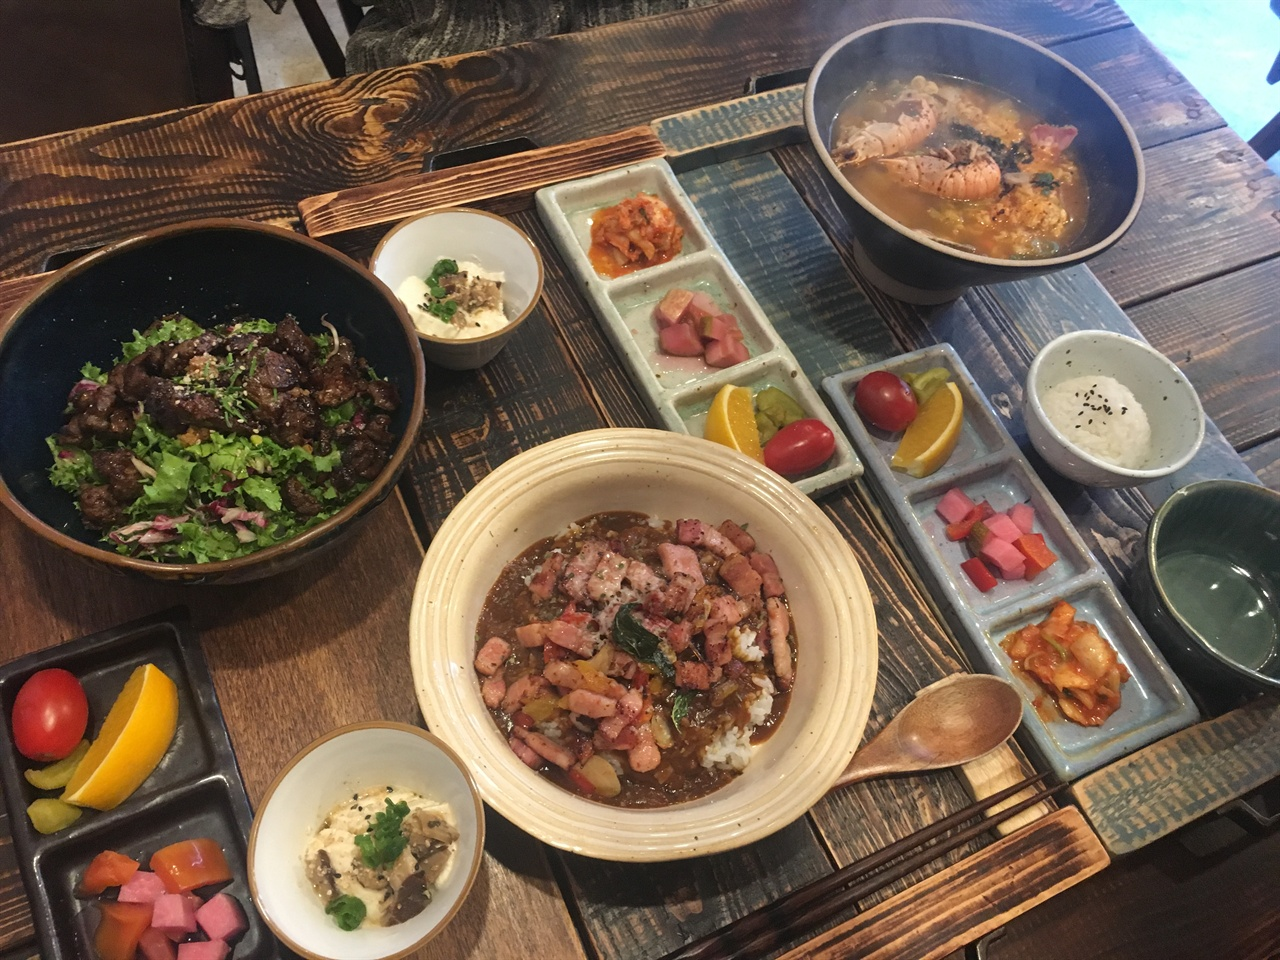 덮밥, 커리, 딱새우 라면 함께 한 식사